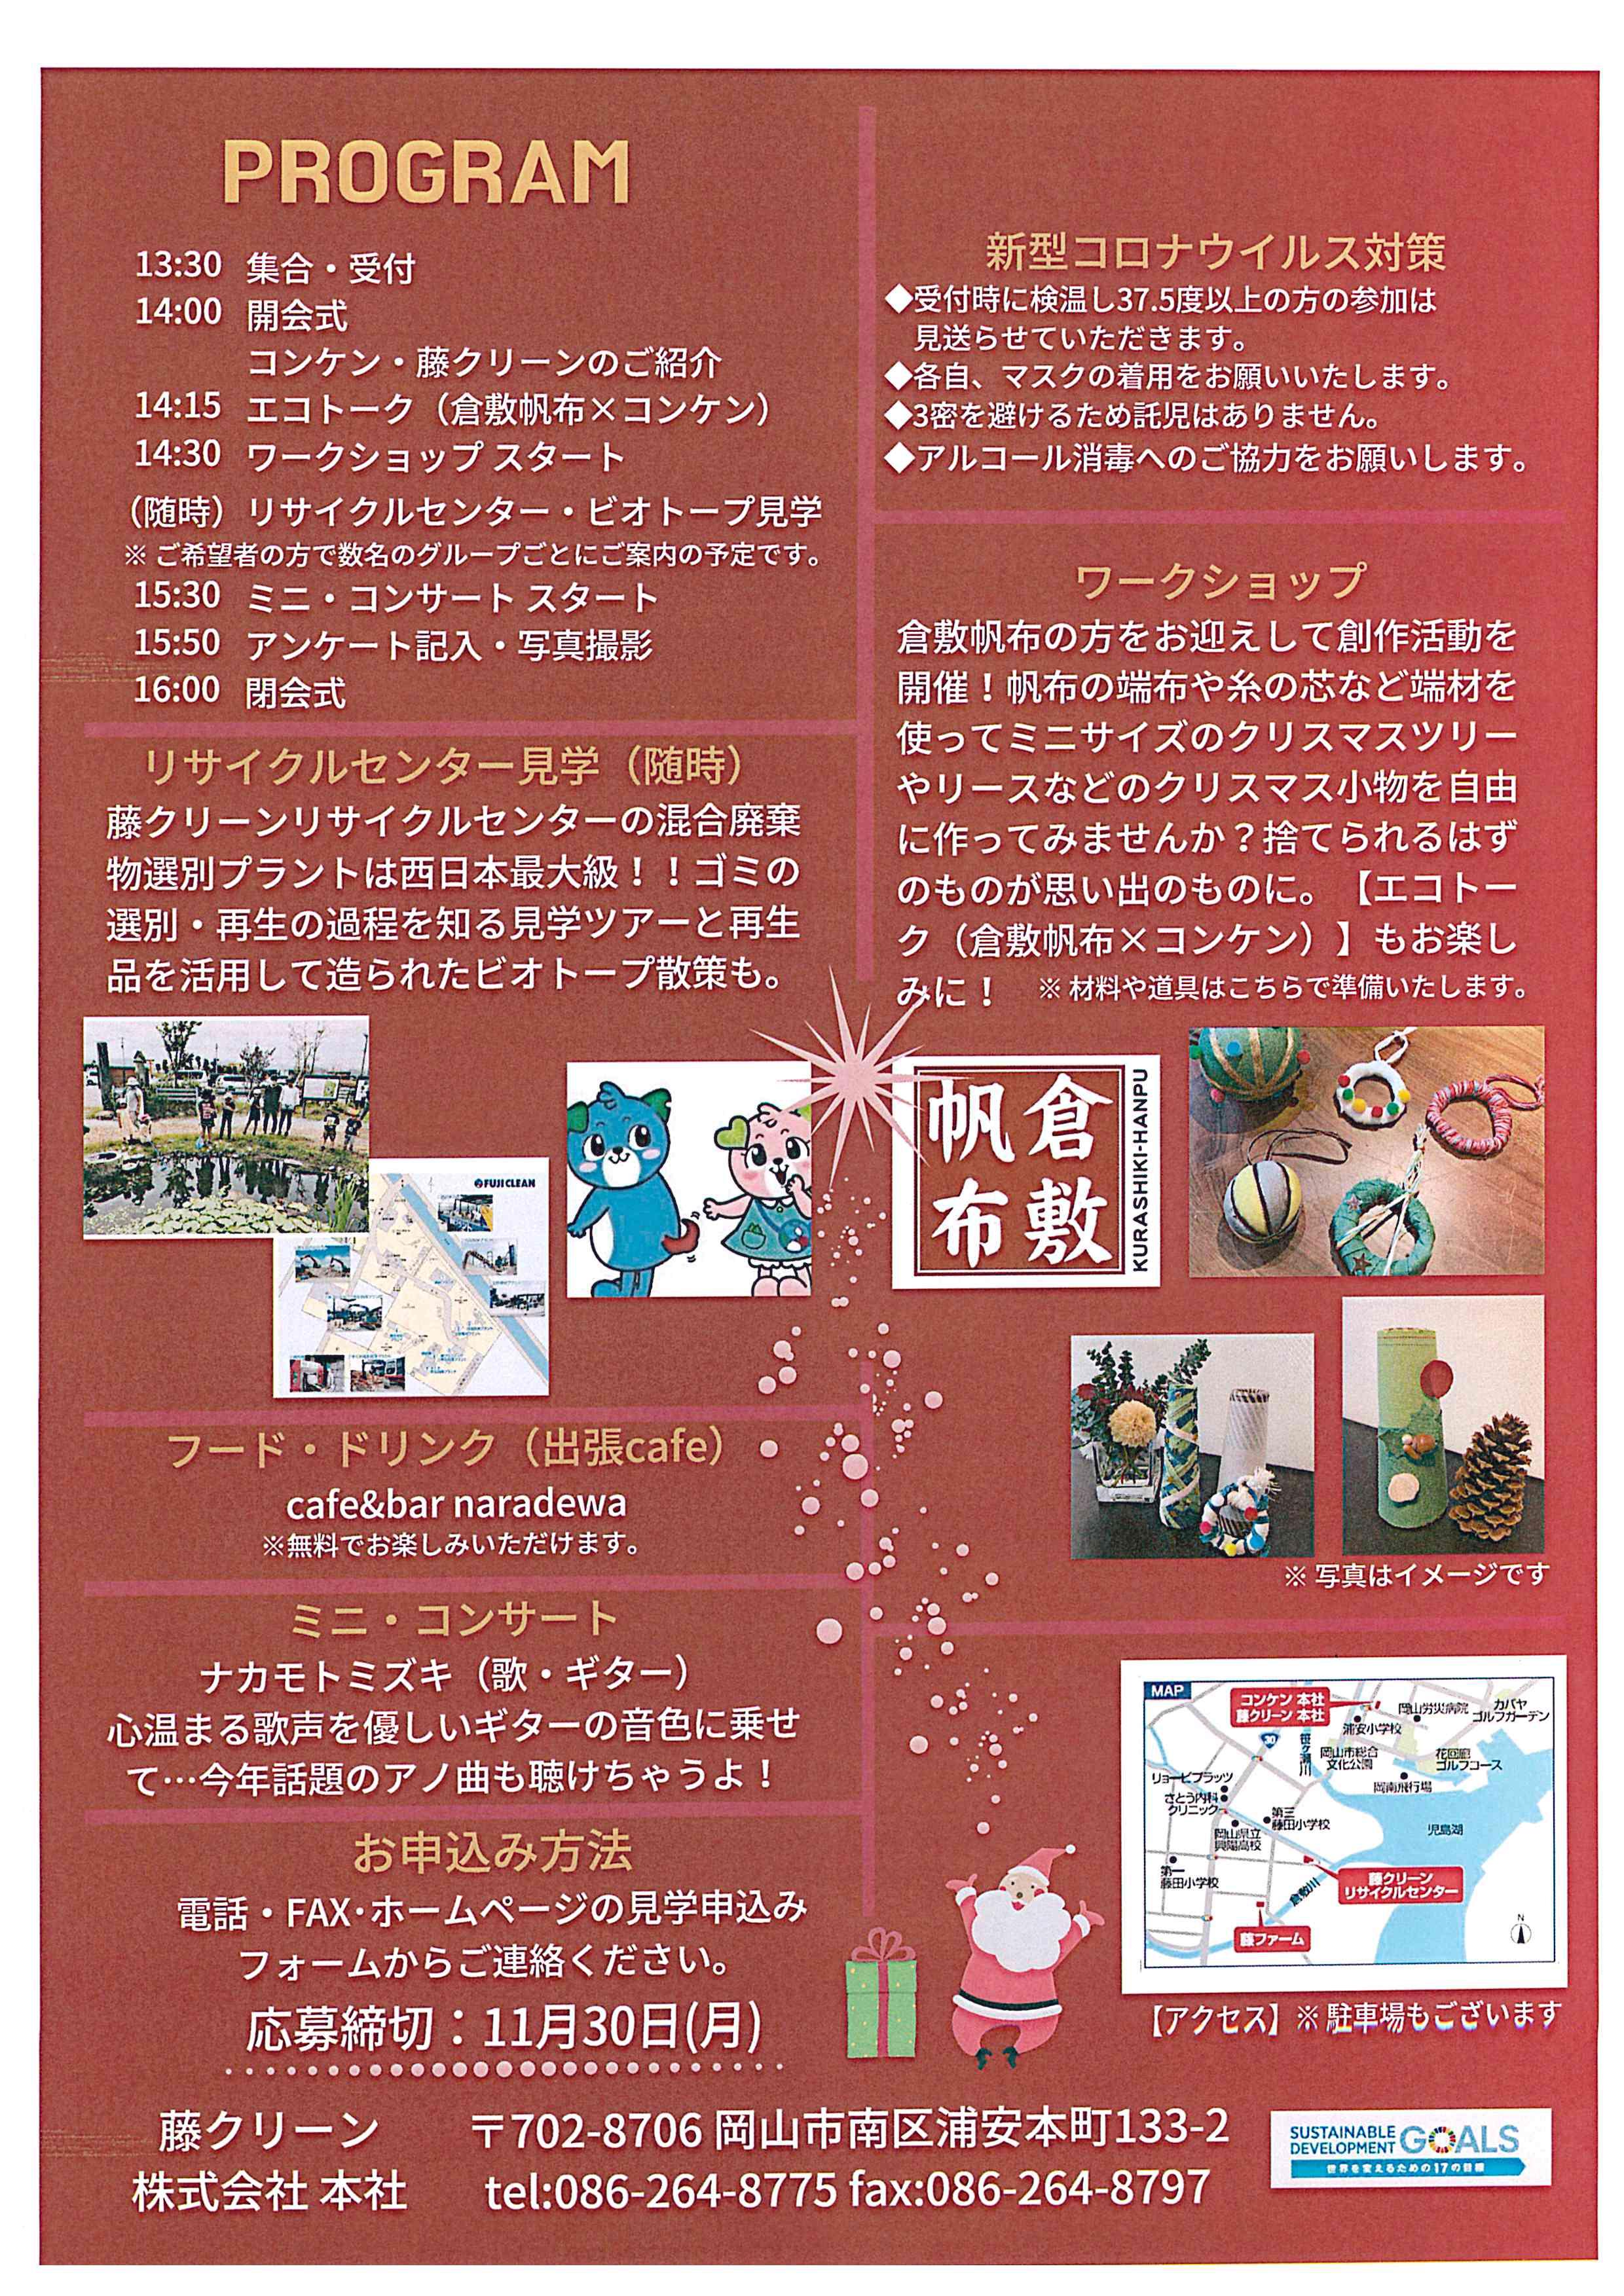 「コンケン クリスマス フェスタ」を開催します。